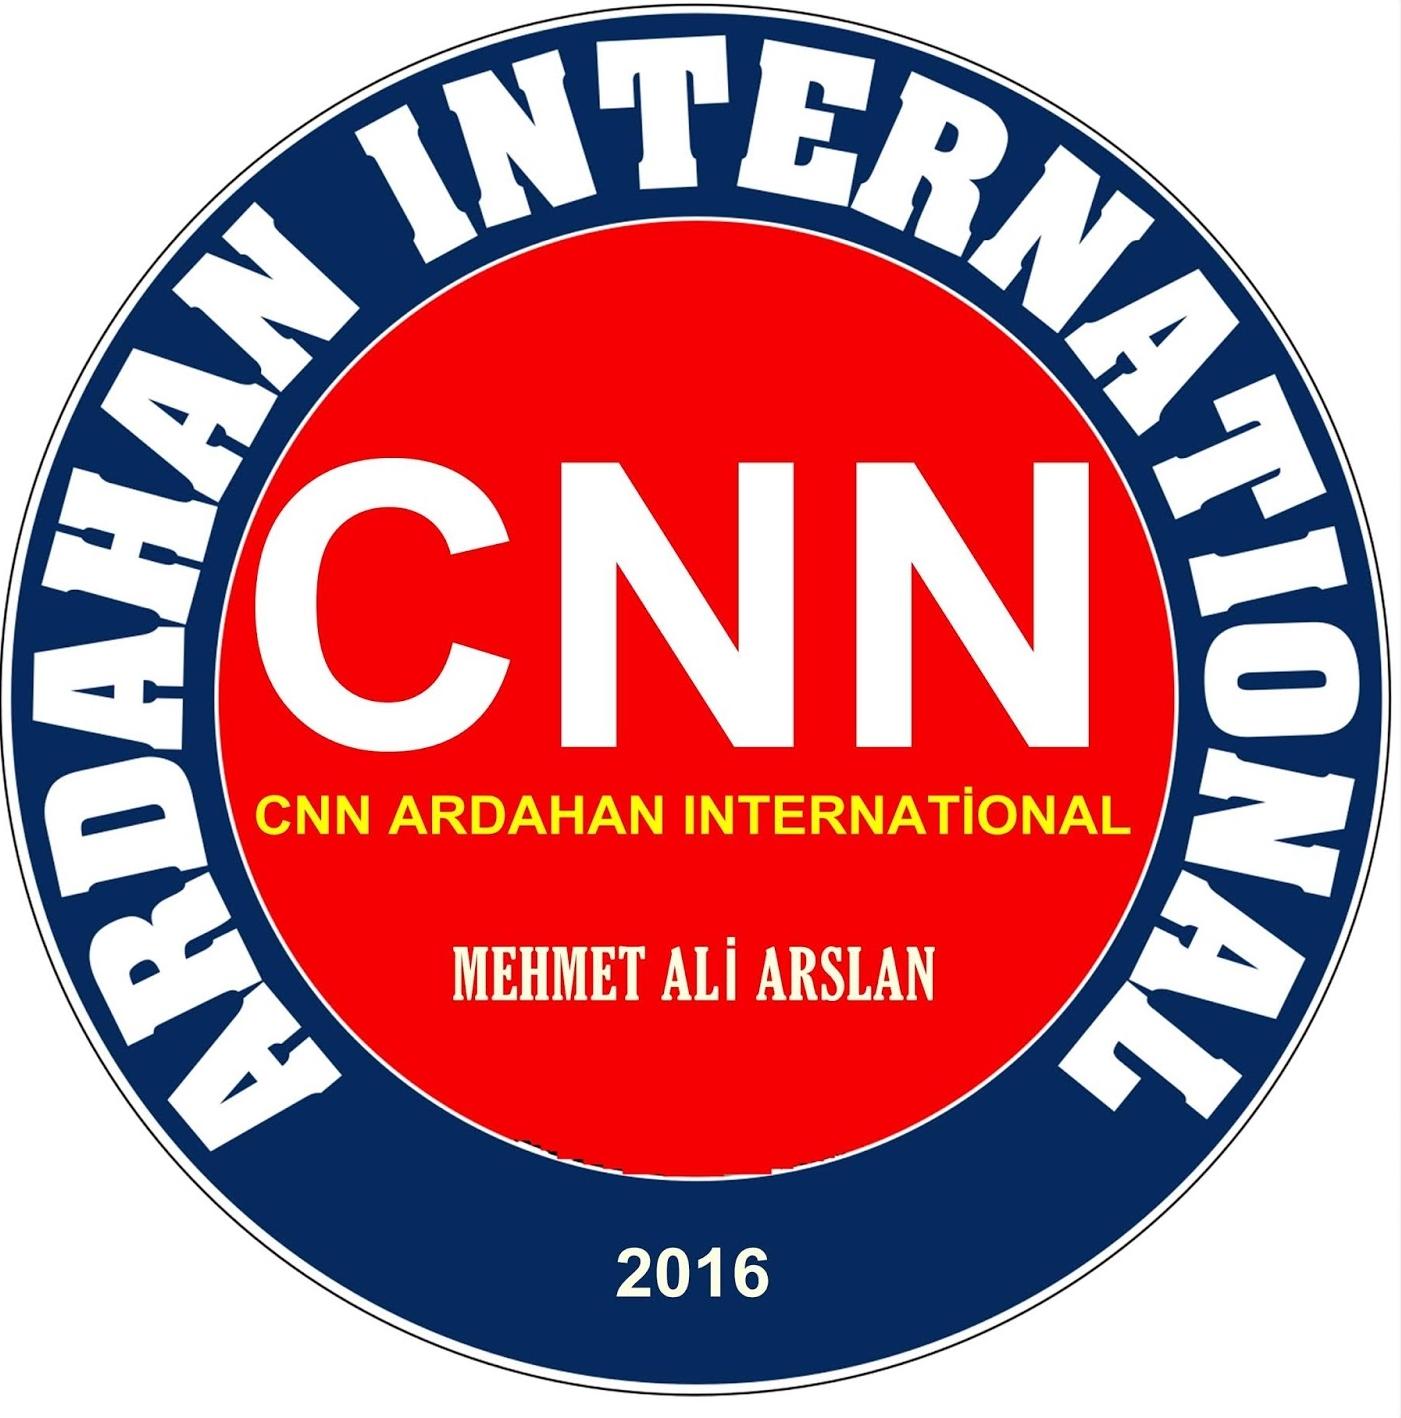 CNN ARDAHAN TV